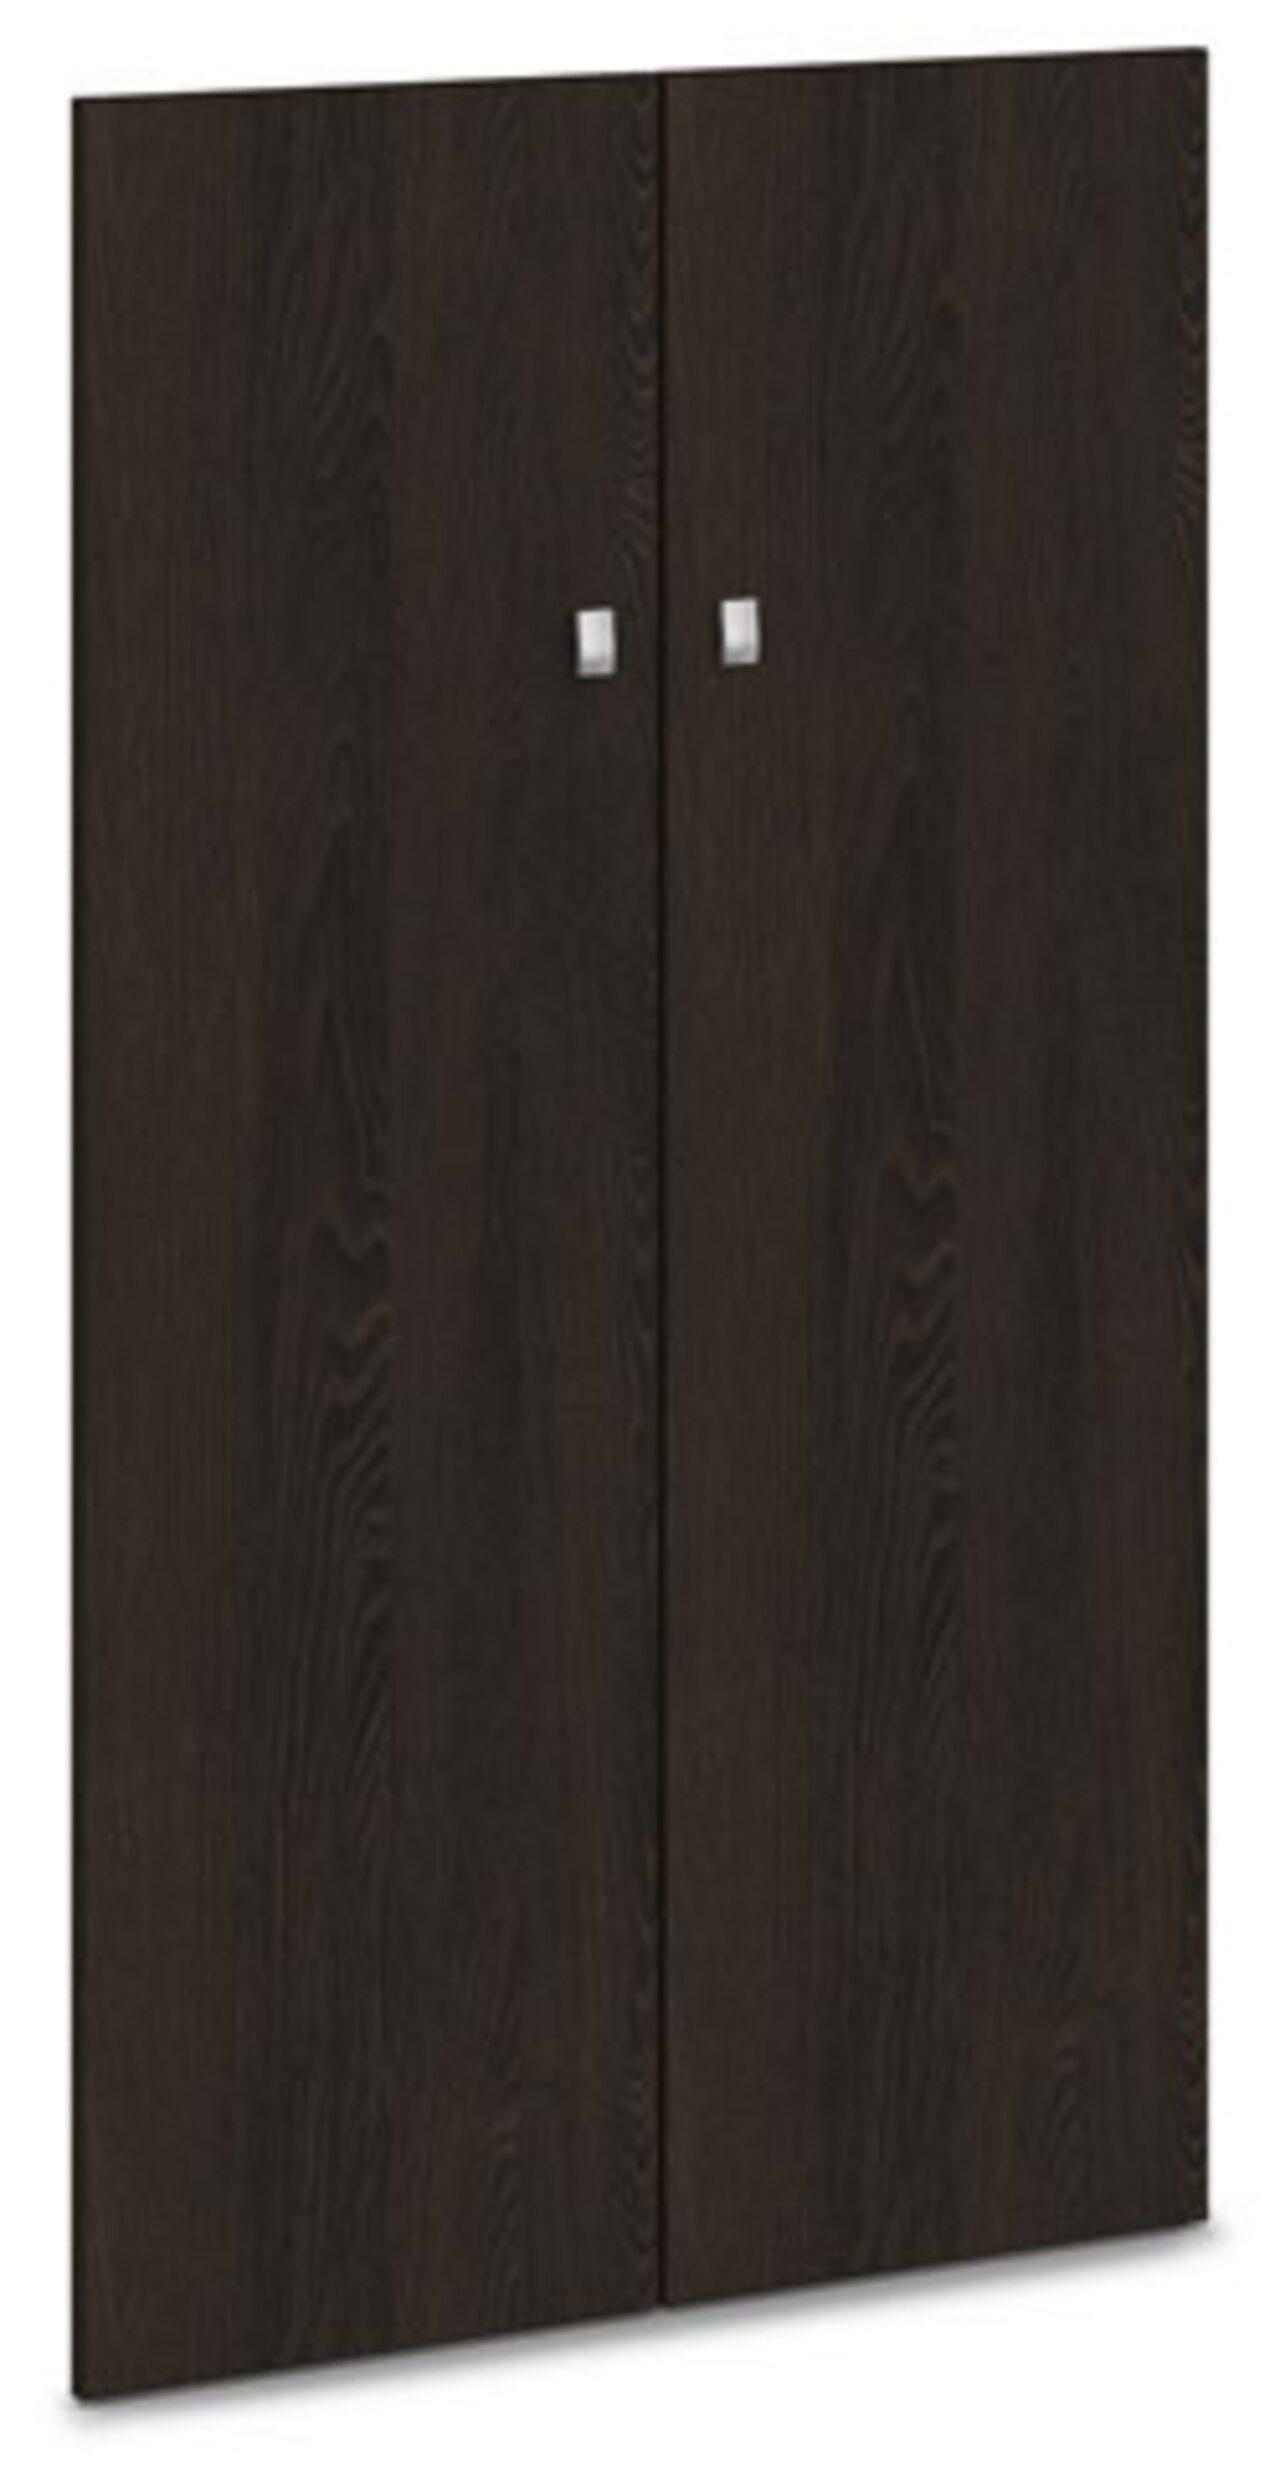 Двери ЛДСП  Vasanta 81x2x141 - фото 1